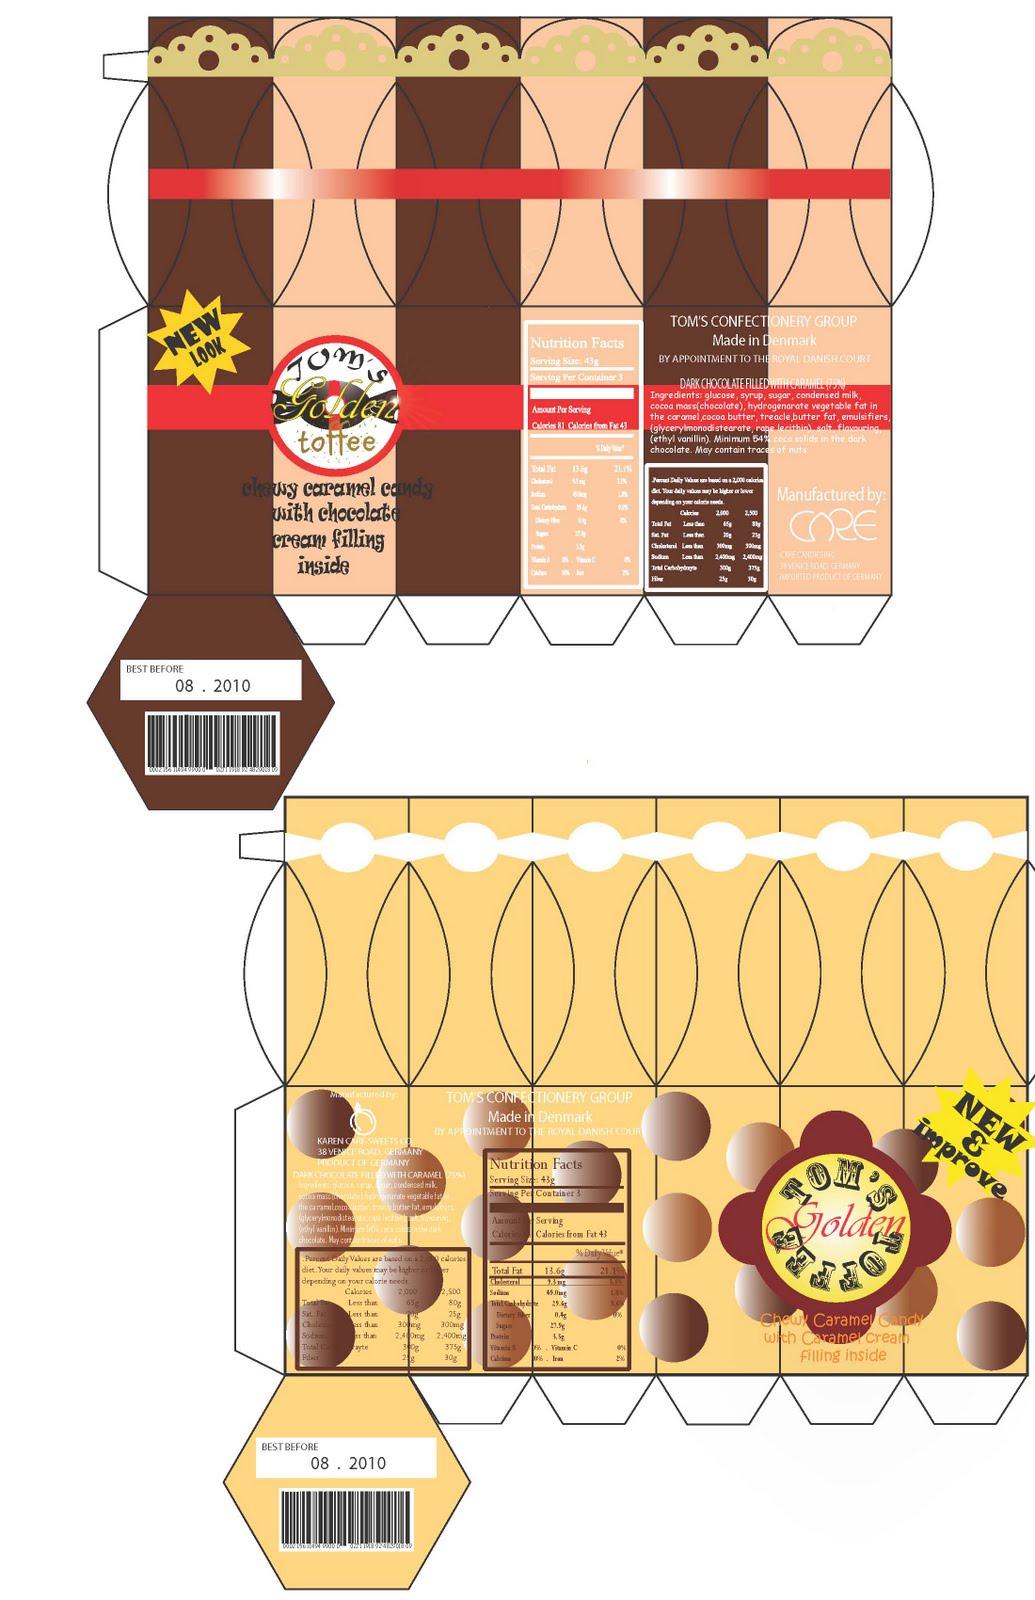 Tomato Boxes Designs